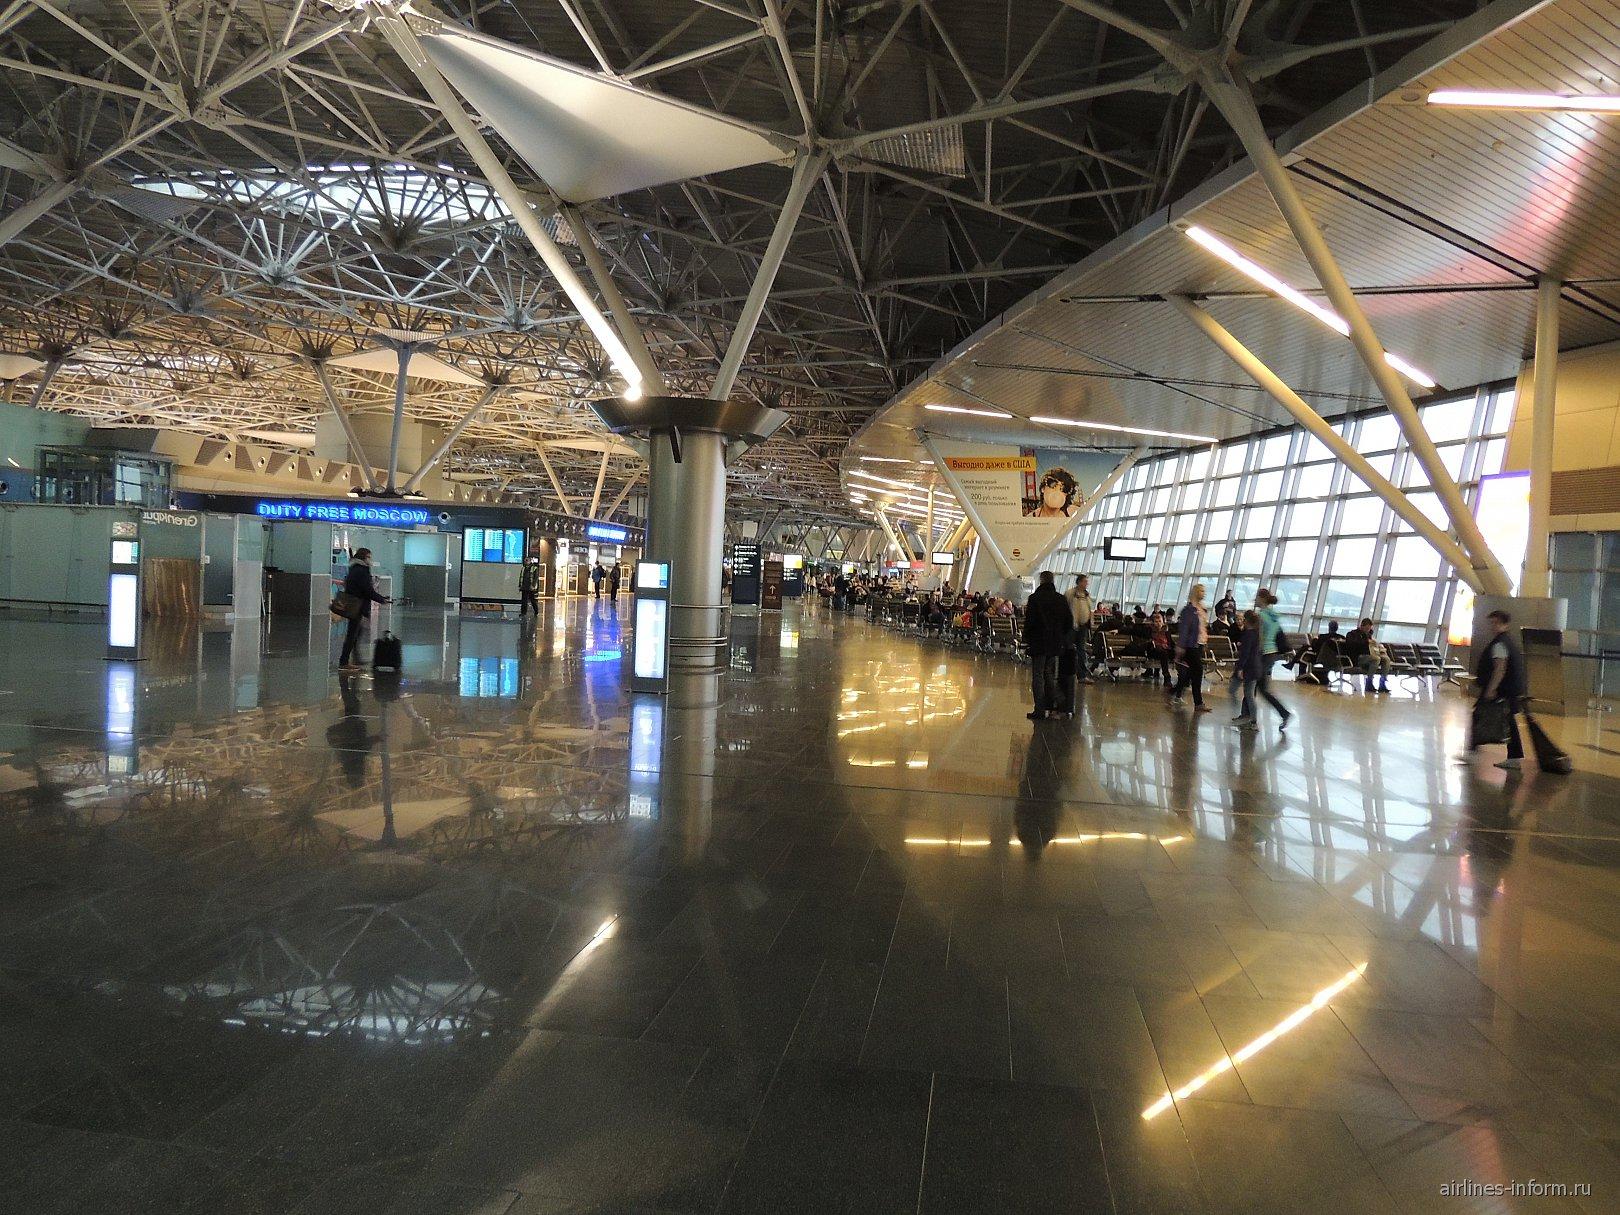 Чистая зона международных вылетов в Терминале А аэропорта Москва Внуково